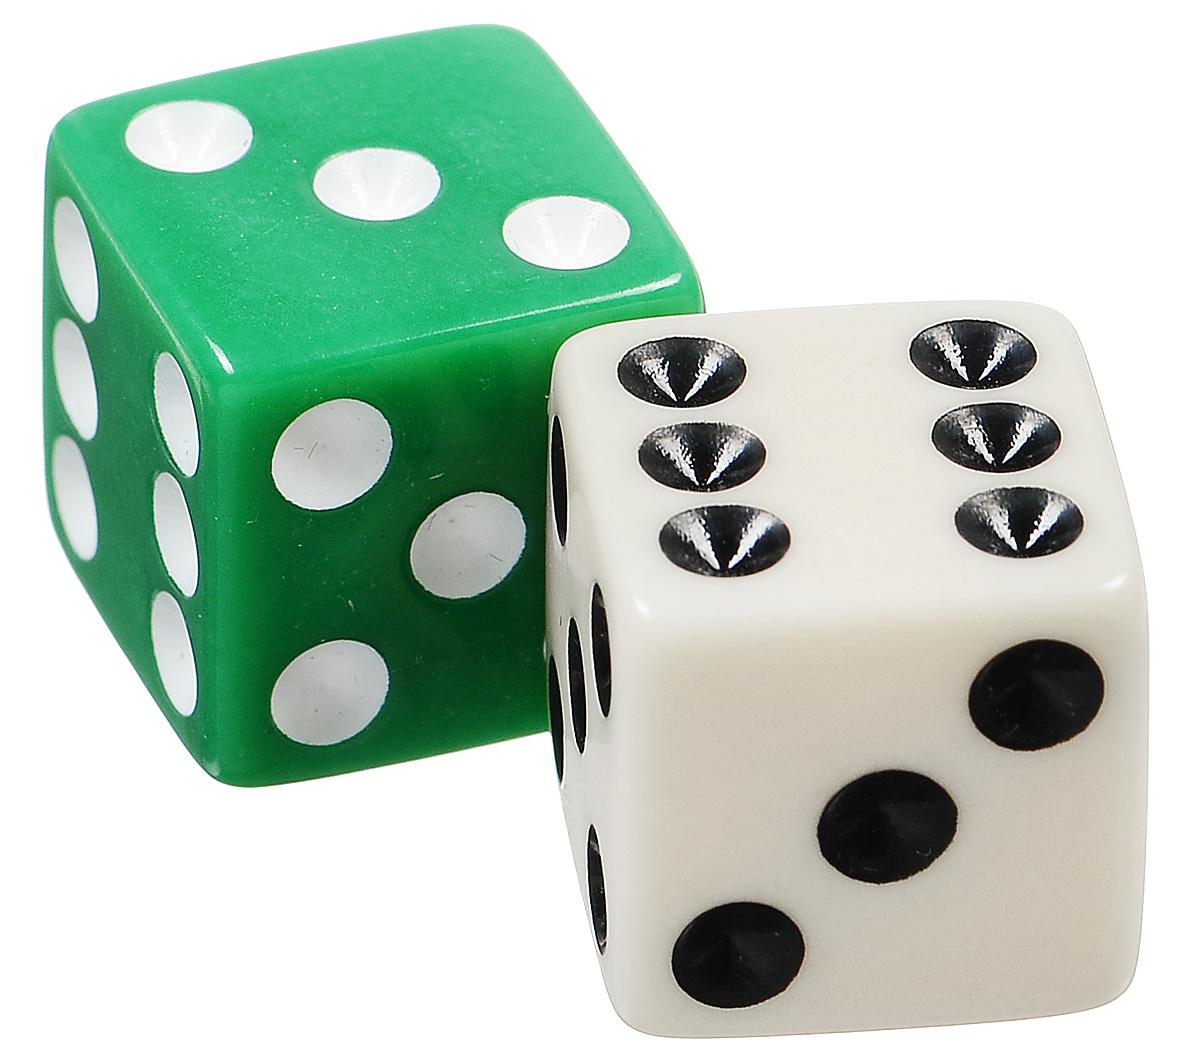 Картинка игры кубиком об кубик